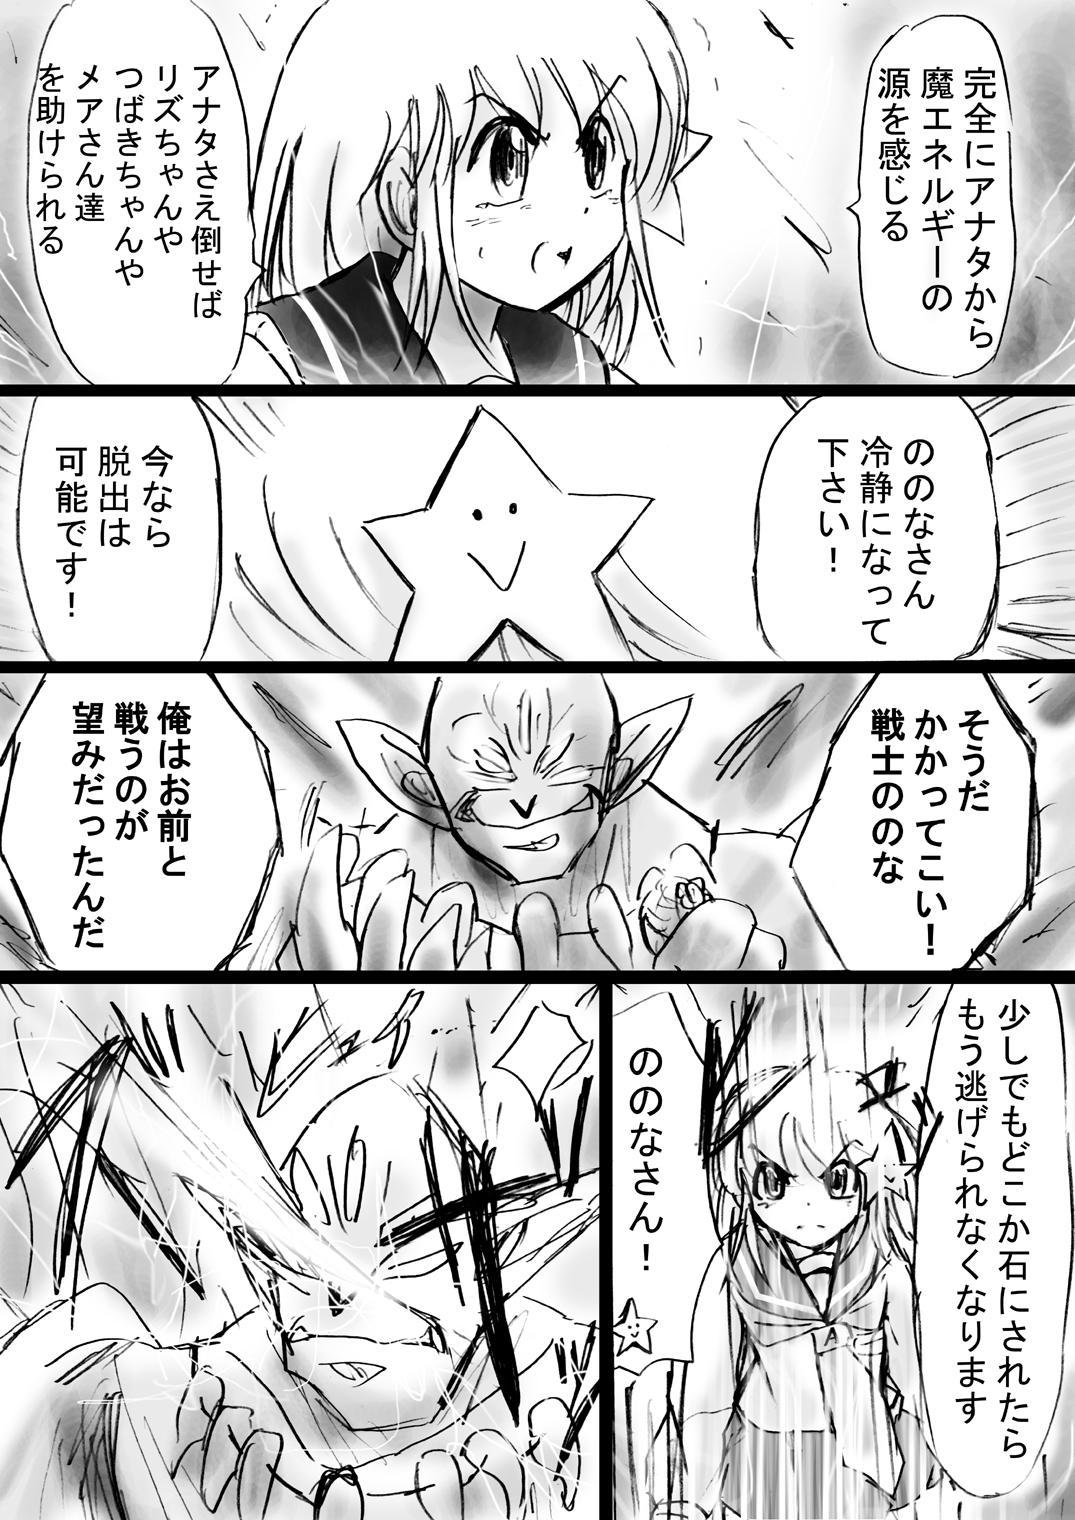 [Dende] Fushigi Sekai -Mystery World- no Nona 17 ~ Taiketsu Fujimi no Dai Inma Dakurasu, Kanzen Sekka no Kyoufu 58